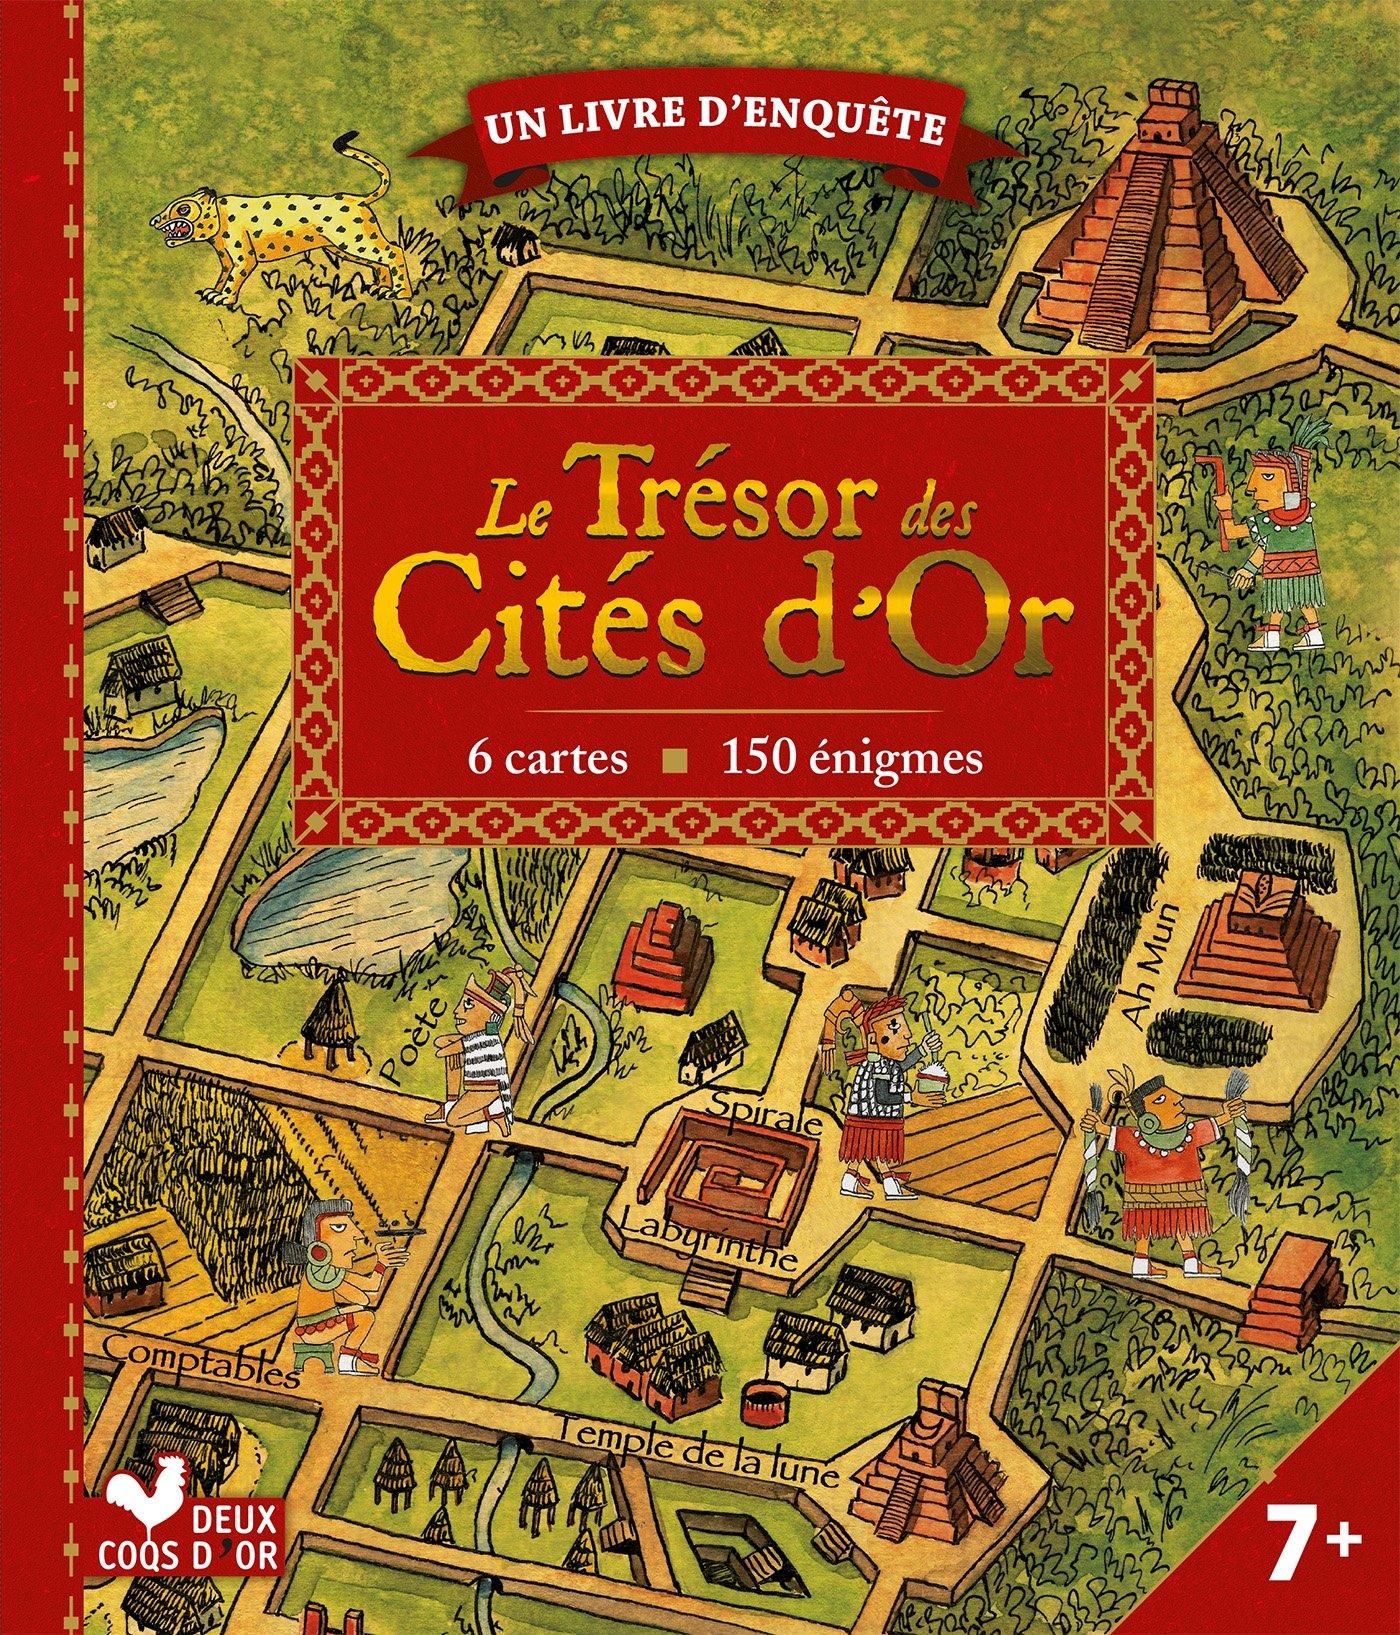 Le trésor des cités d'Or